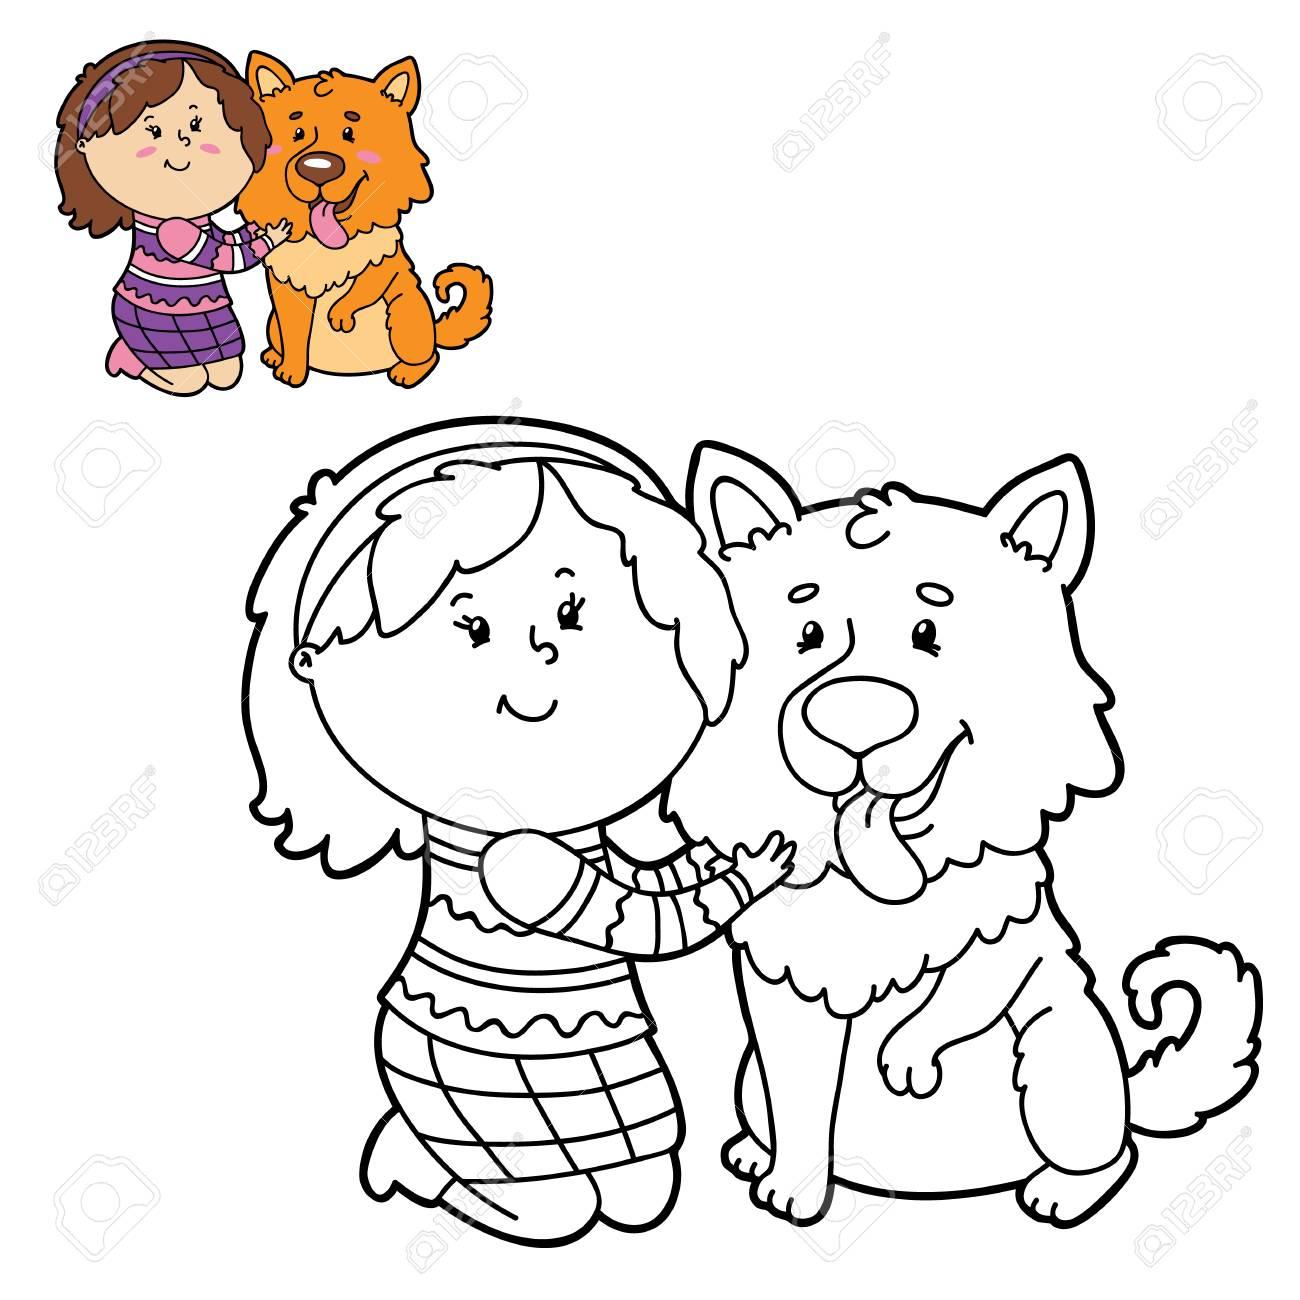 Ilustración Vectorial Para Colorear Página De Niña Y Perro Feliz De Dibujos Animados Para Niños Colorear Y Libro De Chatarra